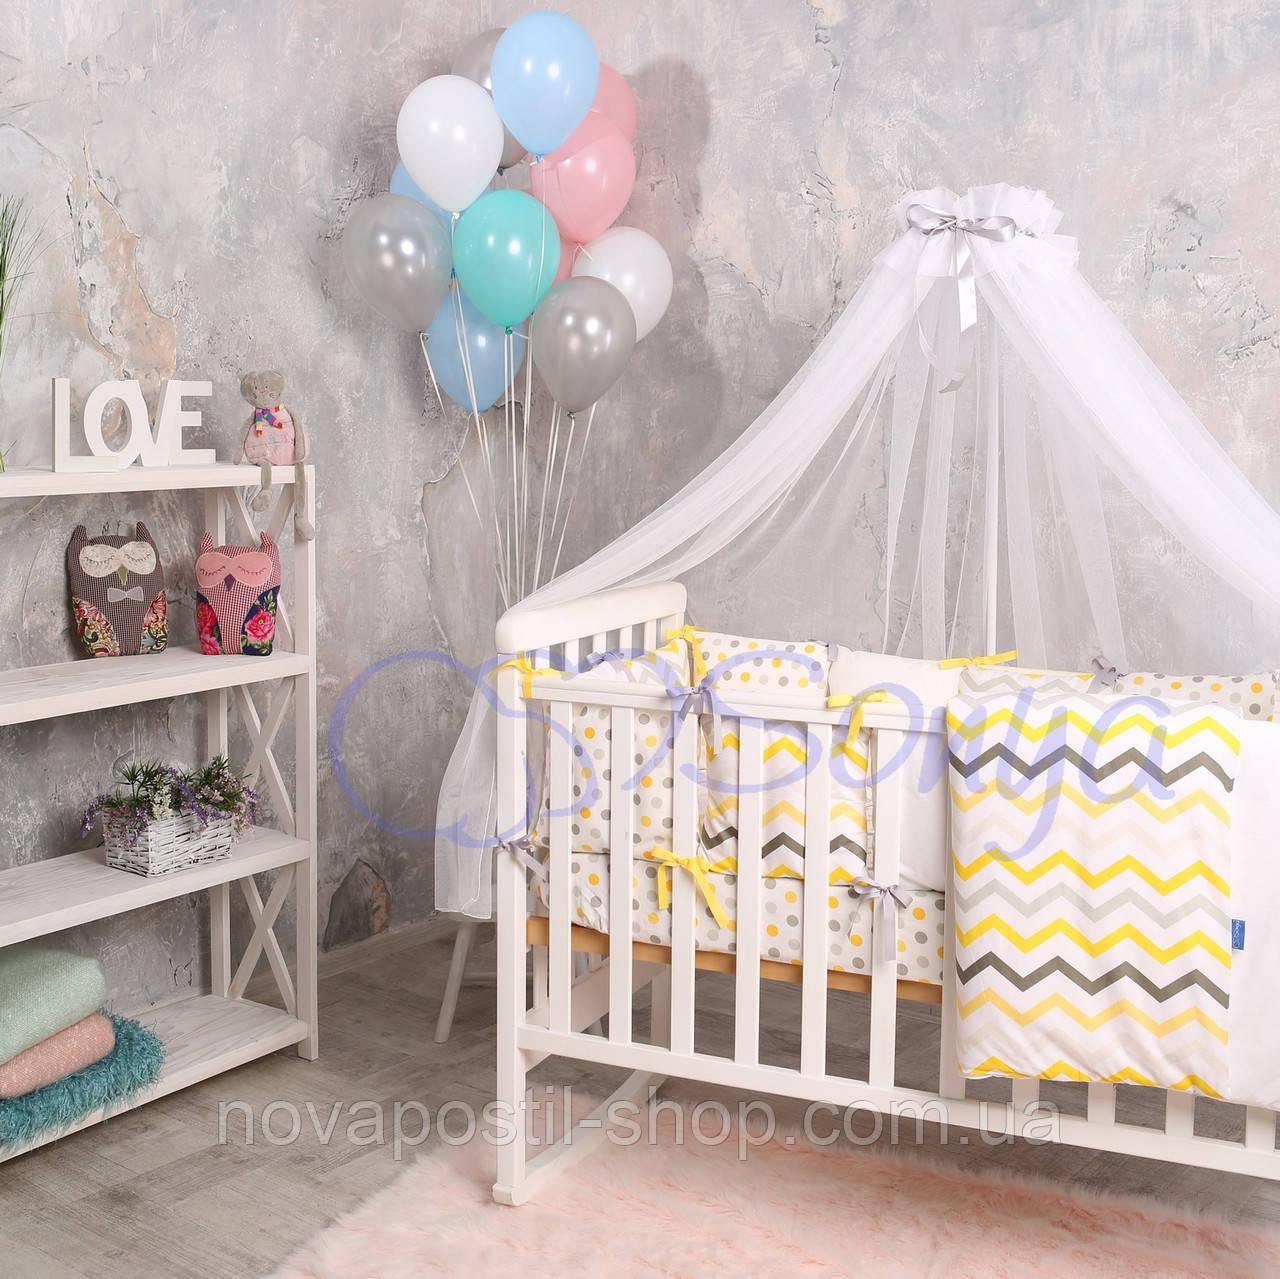 Набор в детскую кроватку Baby Design зигзаг серо-желтый (7 предметов)